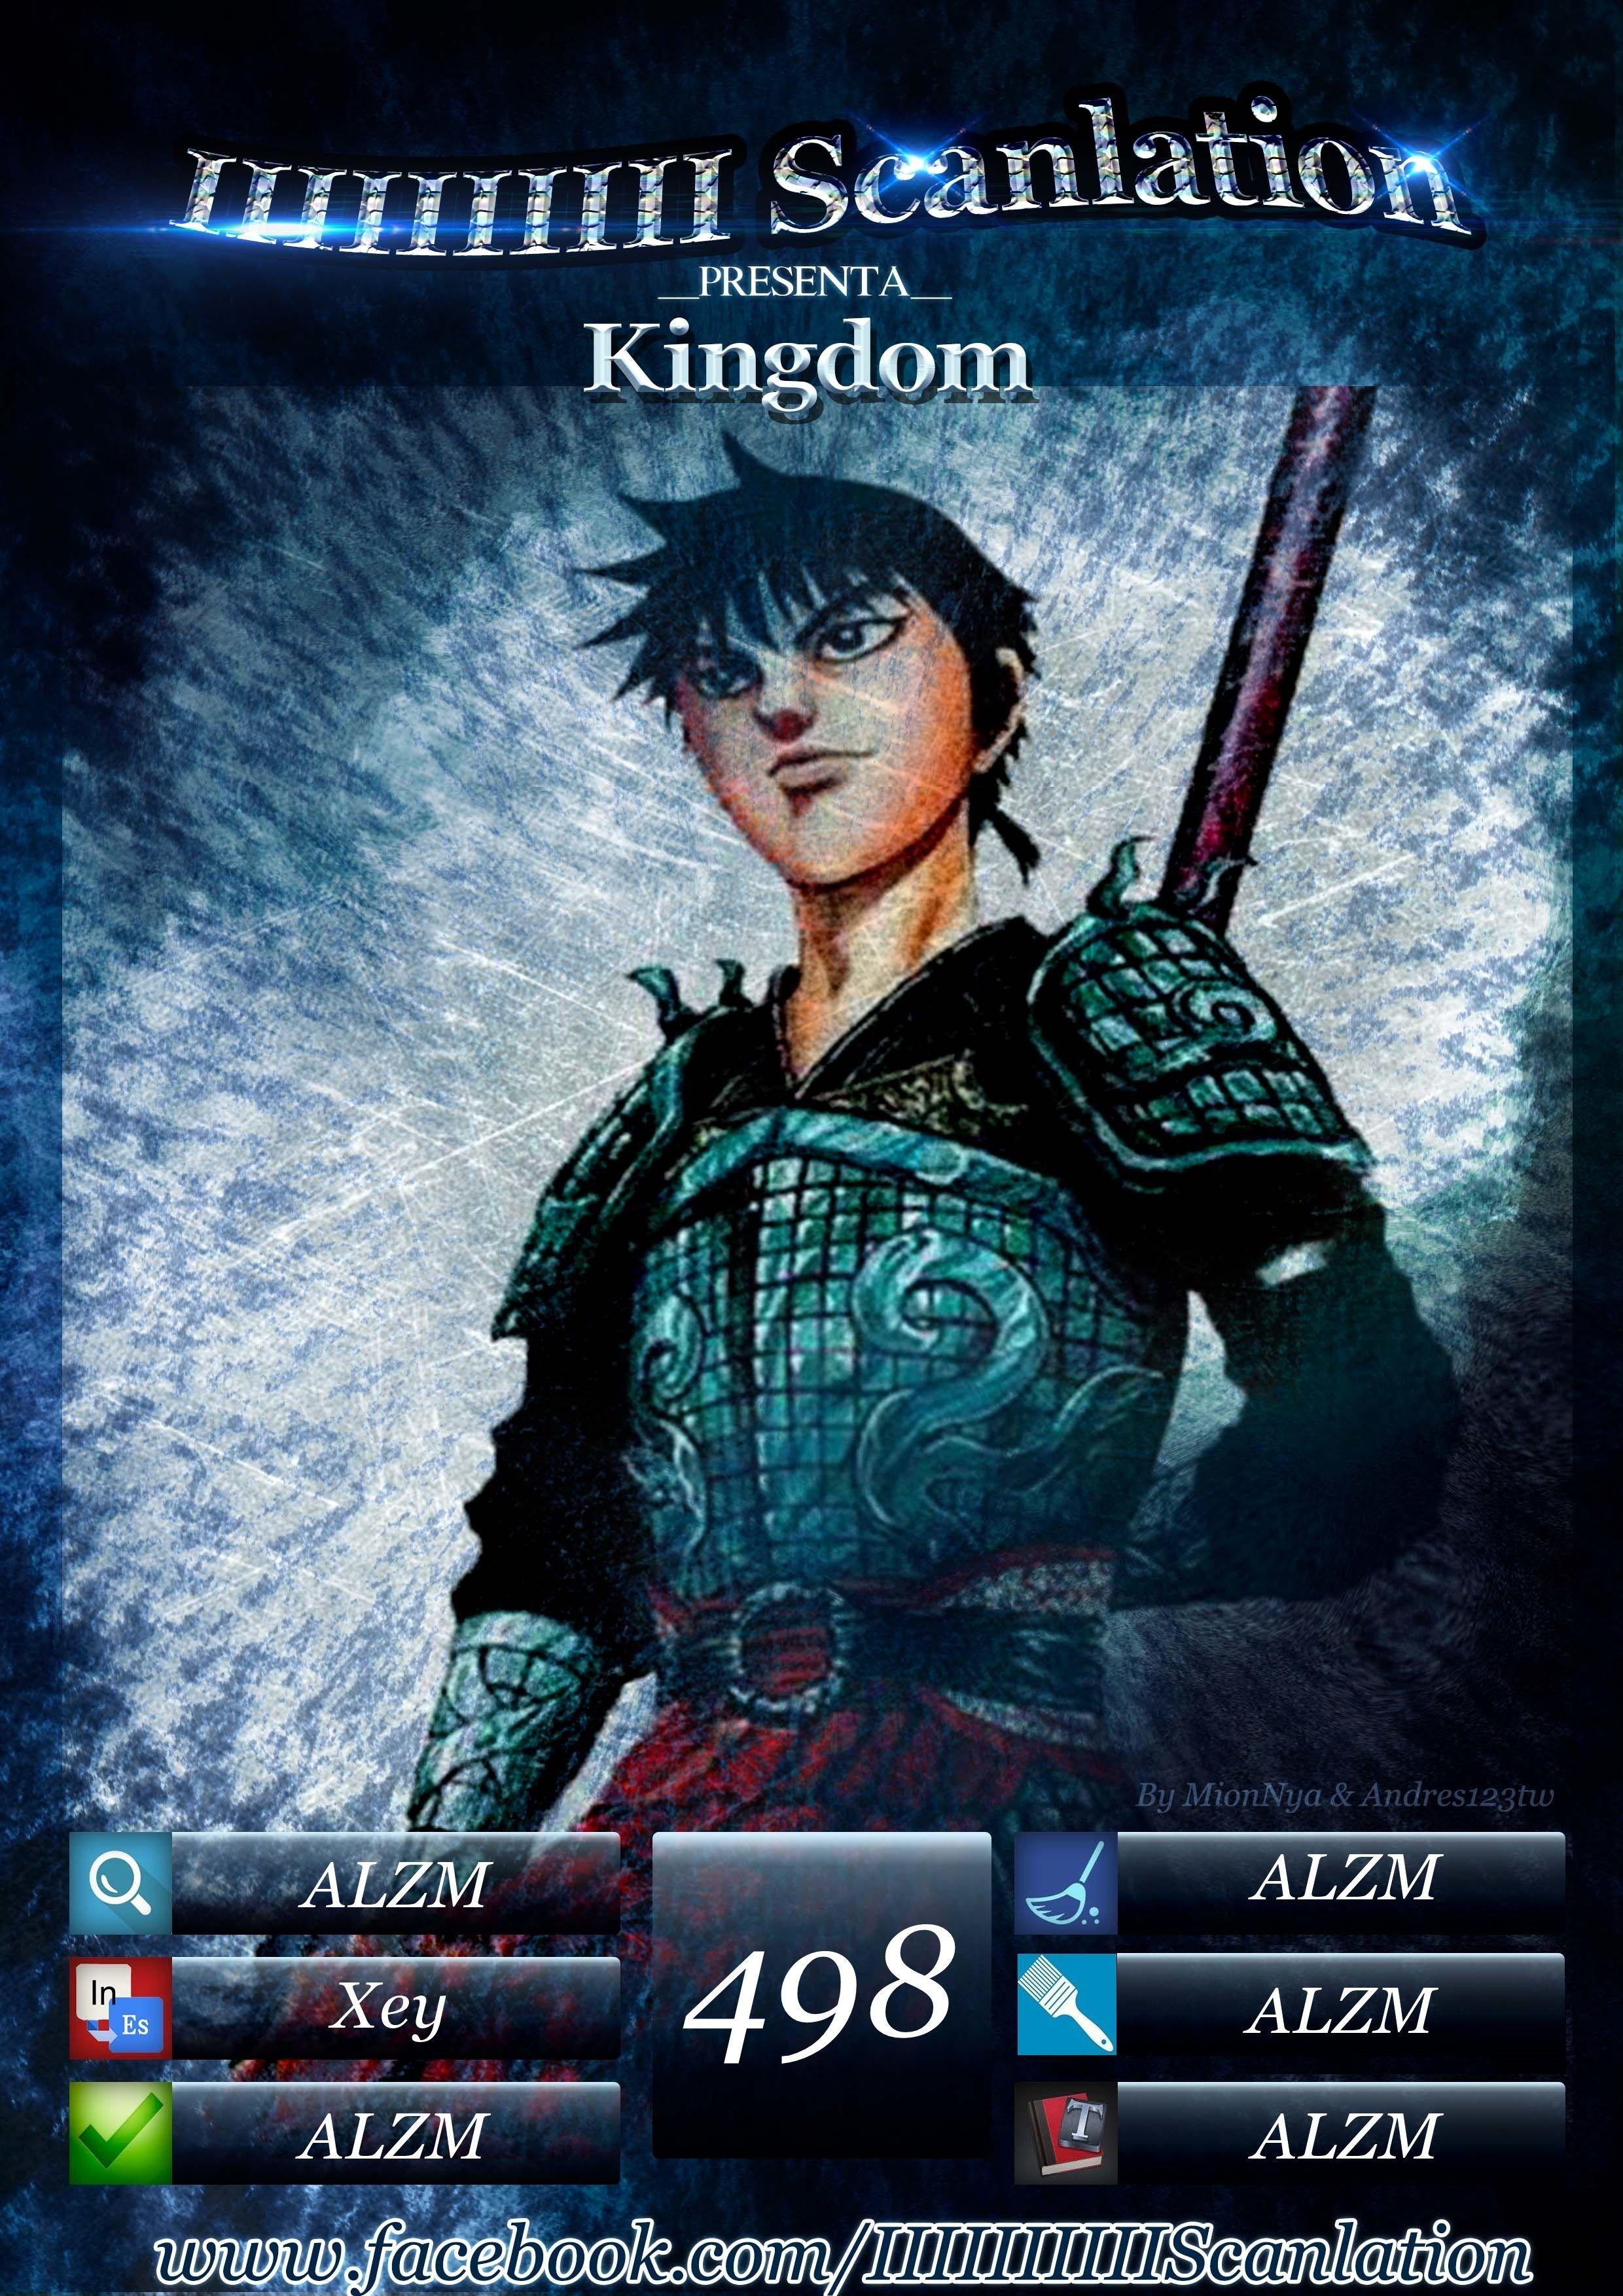 http://c5.ninemanga.com/es_manga/pic2/19/12307/518645/3821223063bdae6ed4fc1703402ea917.jpg Page 2